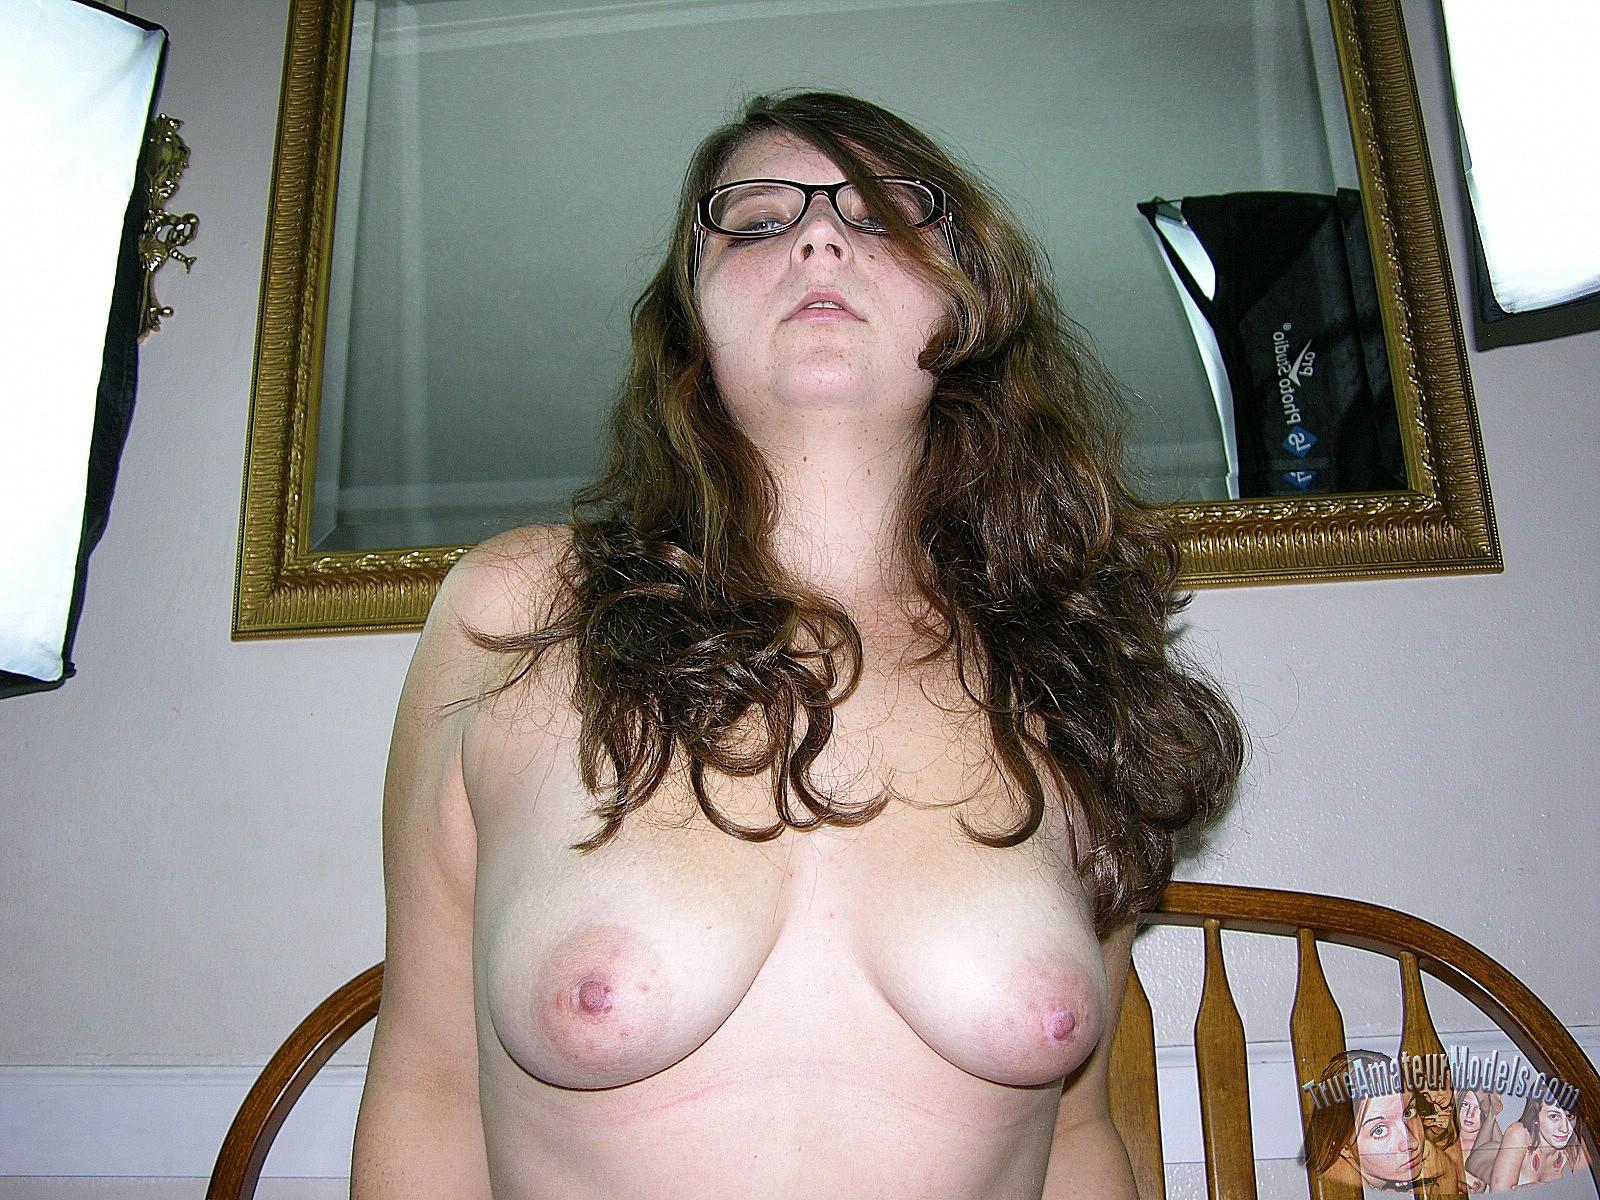 Lesbian amateur porn videos